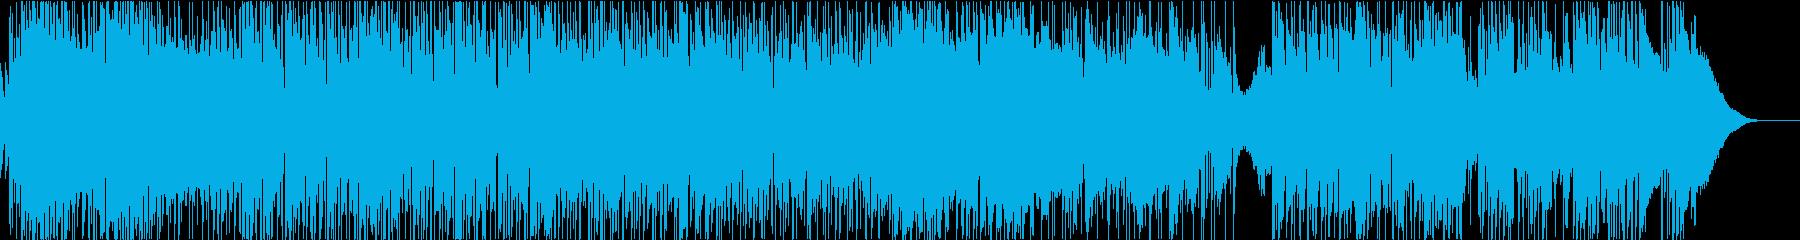 ポップロックなギターインストの再生済みの波形